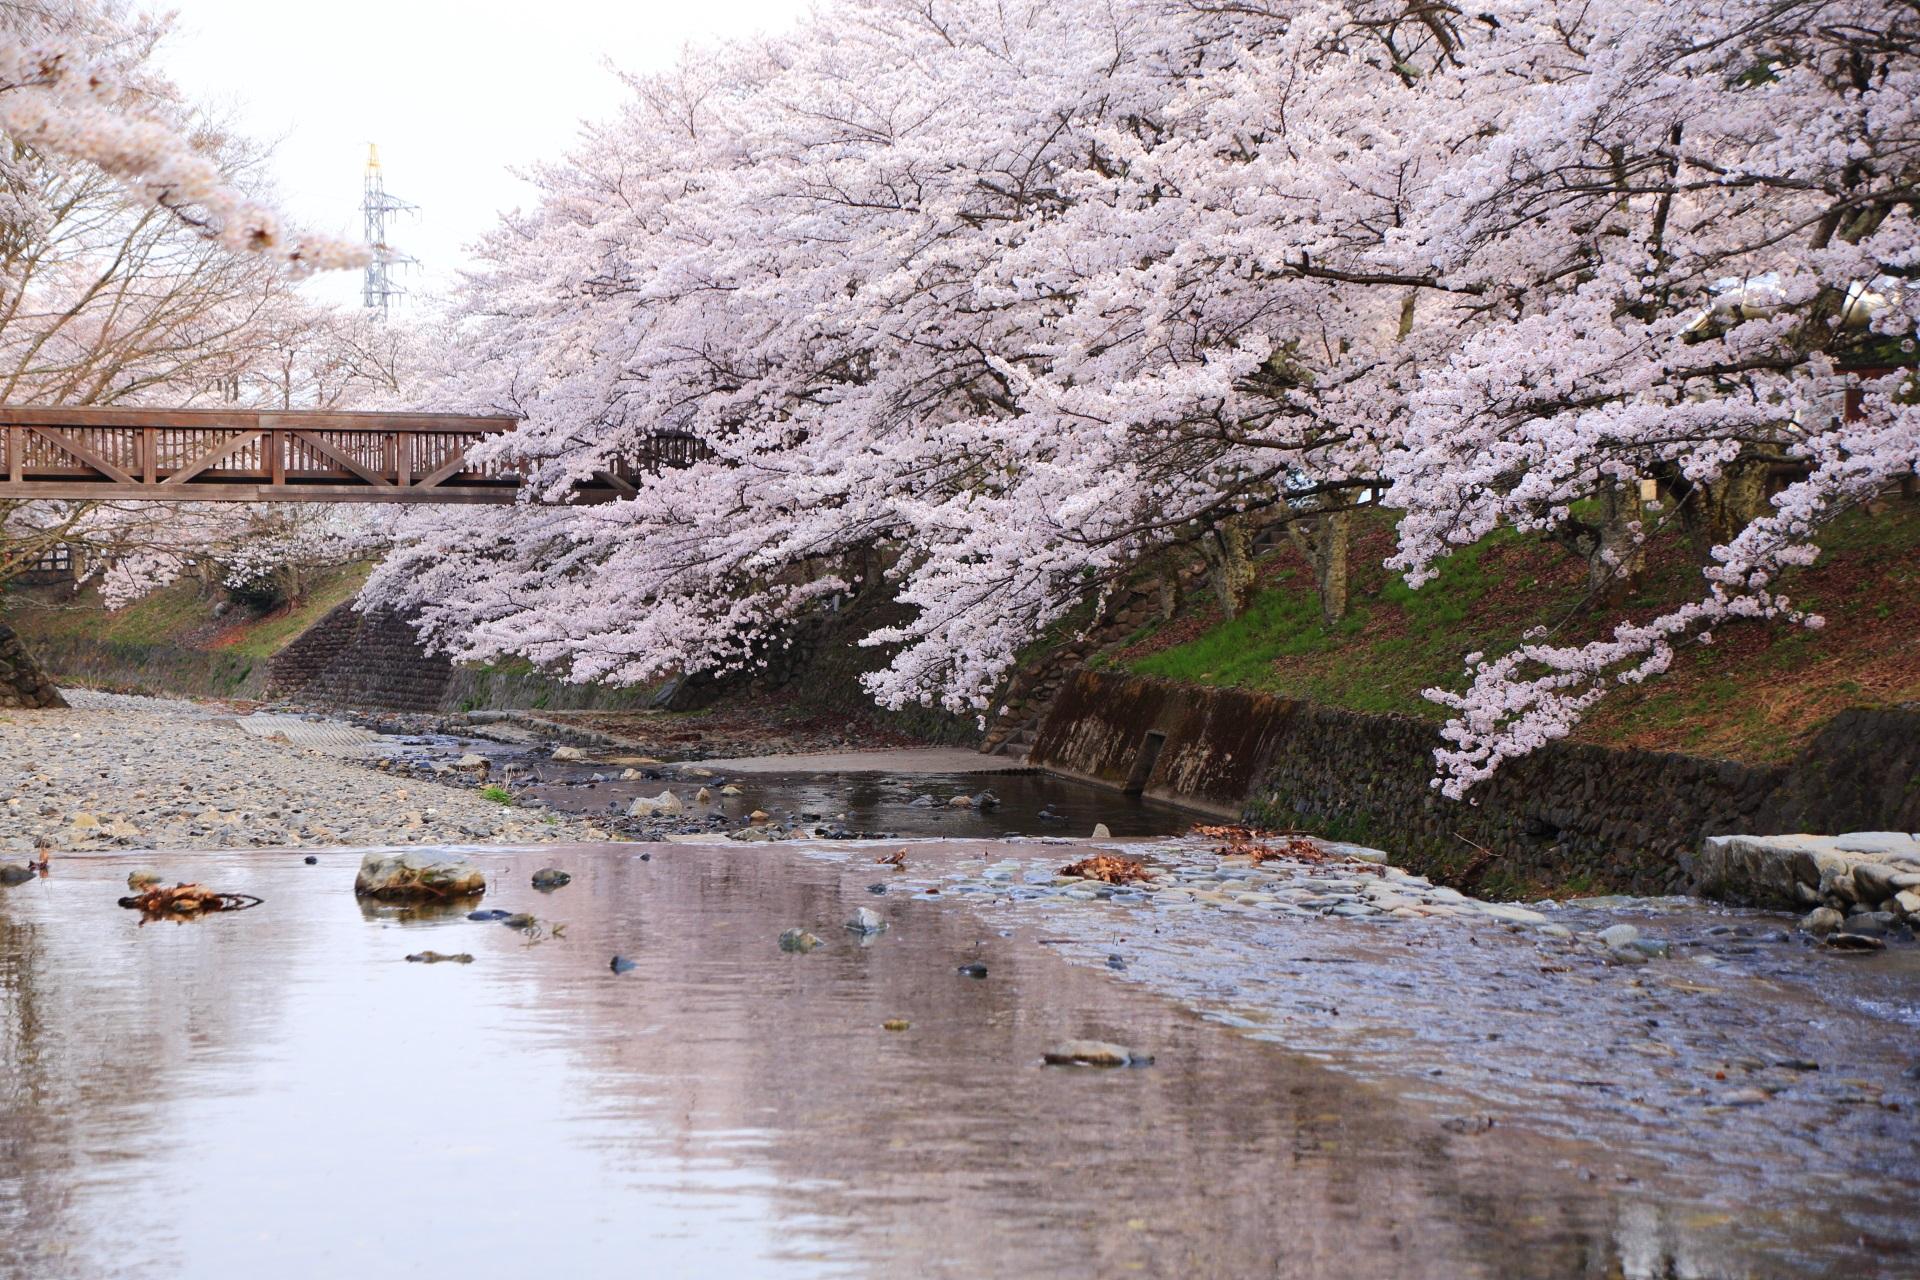 七谷川の素晴らしい水辺の桜や水鏡と春色の情景